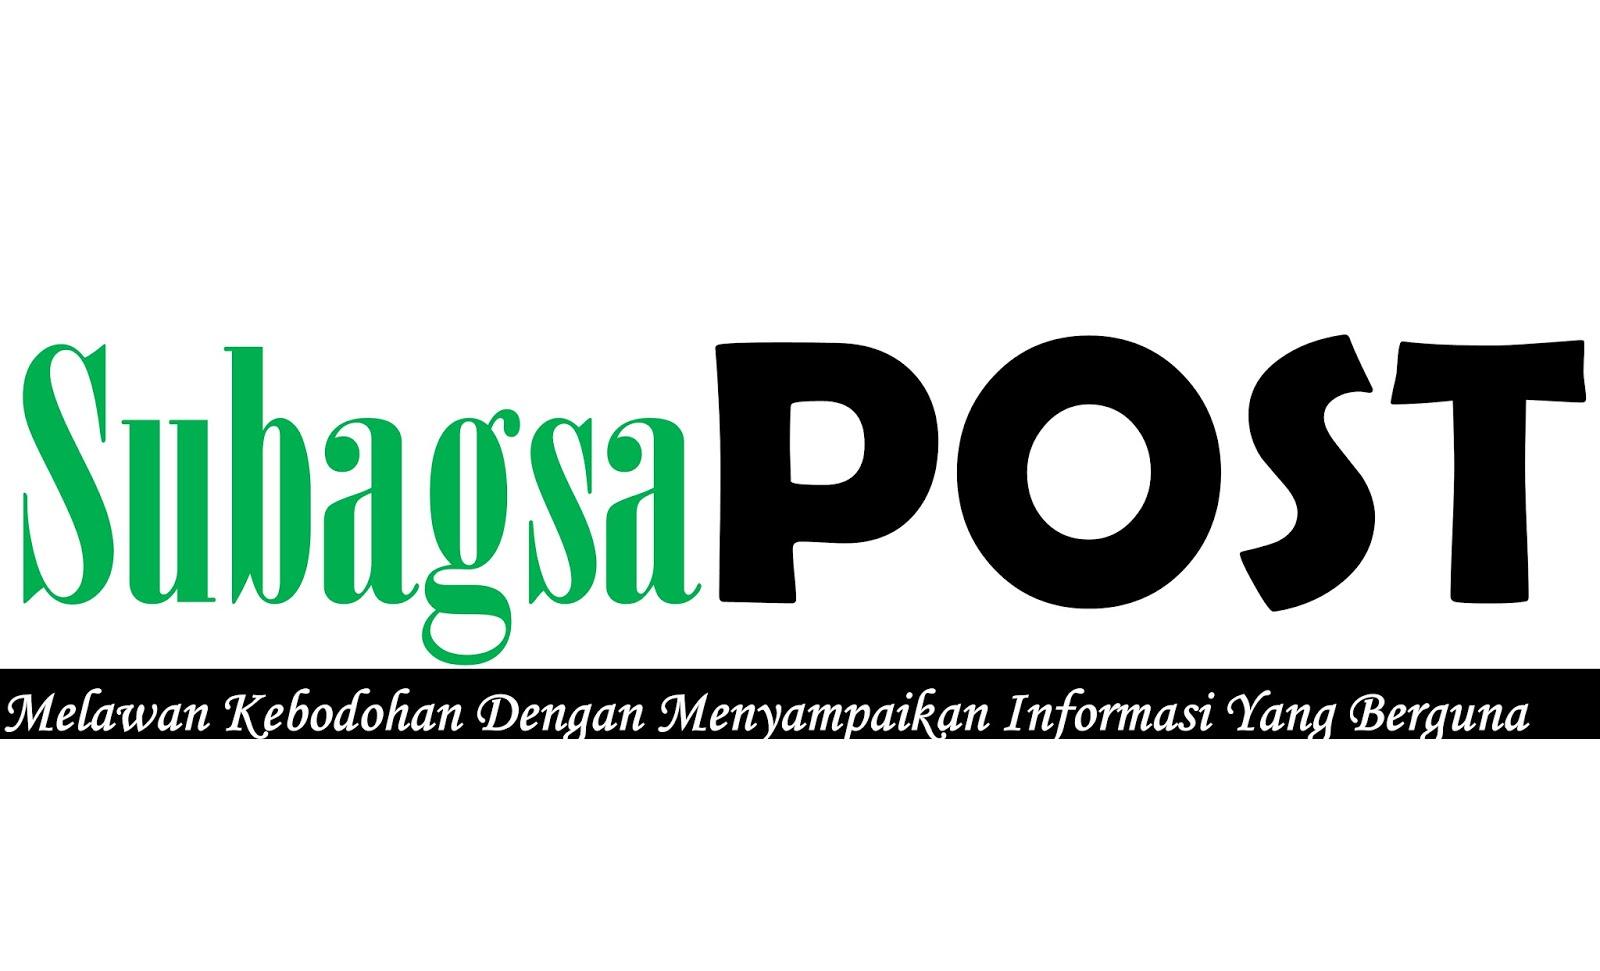 Subagsa POST